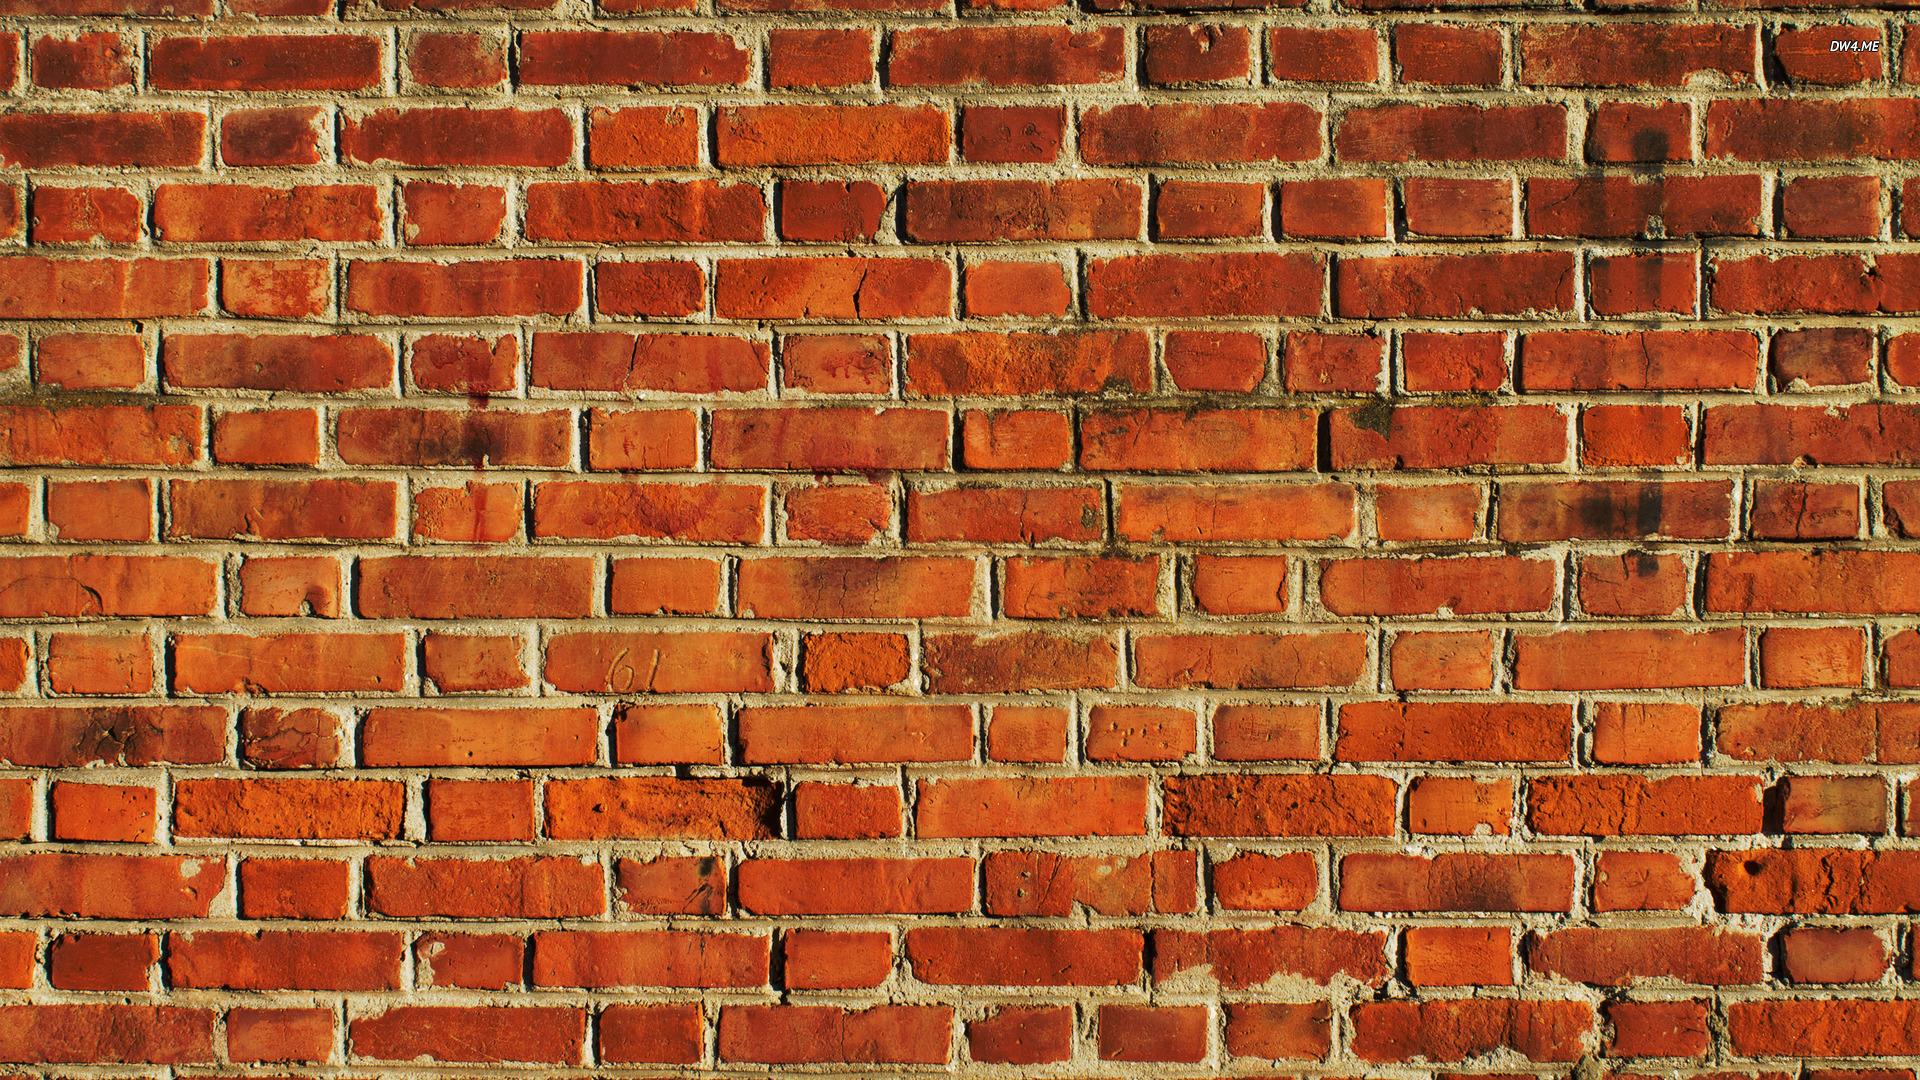 brick wall wallpaper photography wallpapers brick wall wallpaper 1920x1080